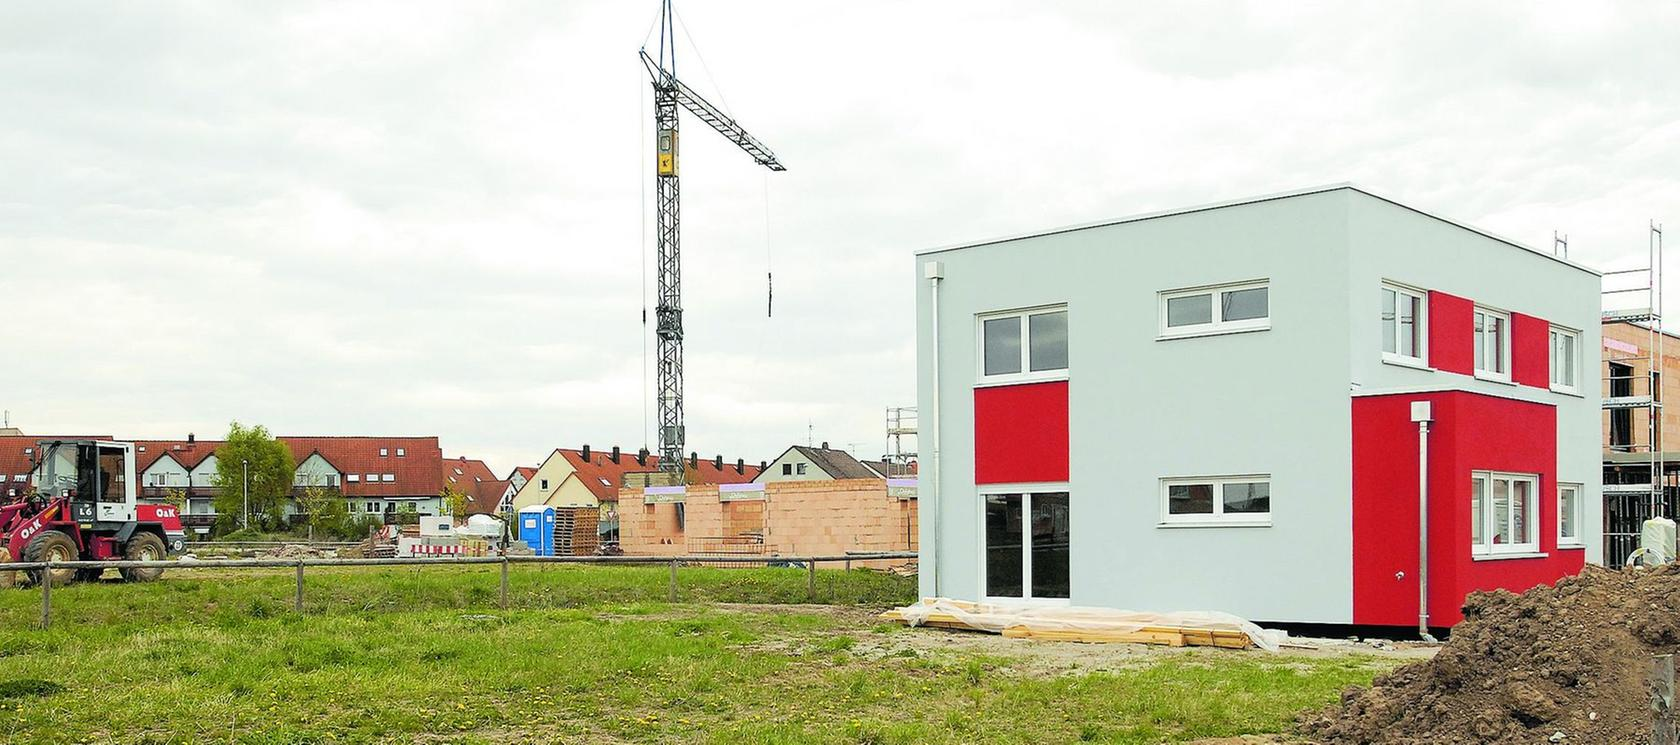 Das neue Baugebiet zwischen Mönaustraße (im Hintergrund) und der Häuslinger Straße zeigt an, wohin das Bauen geht: Es wird immer stärker auf niedrig(st)en Energieverbrauch geachtet.